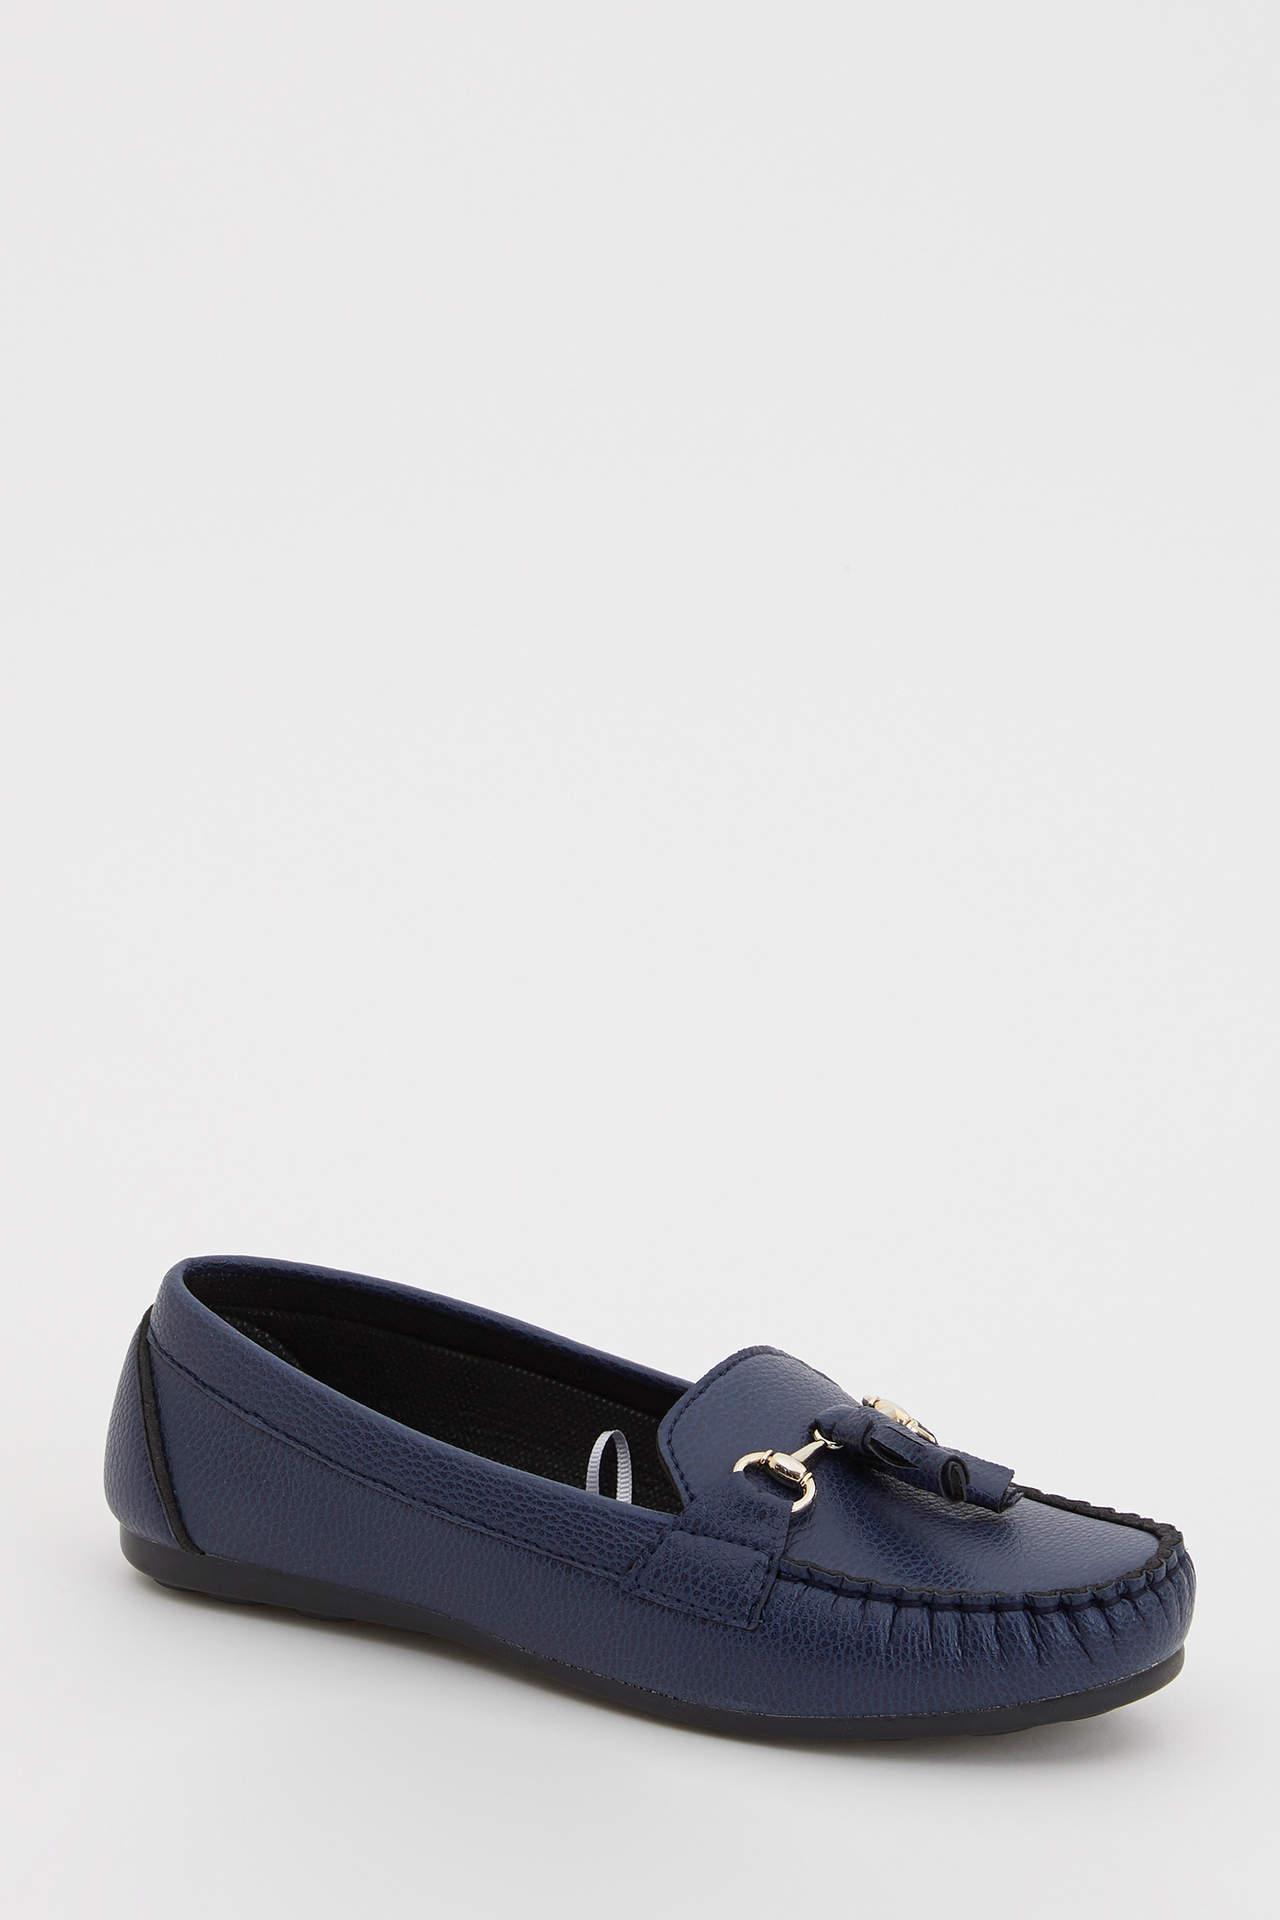 Defacto Kadın Loafer Ayakkabı